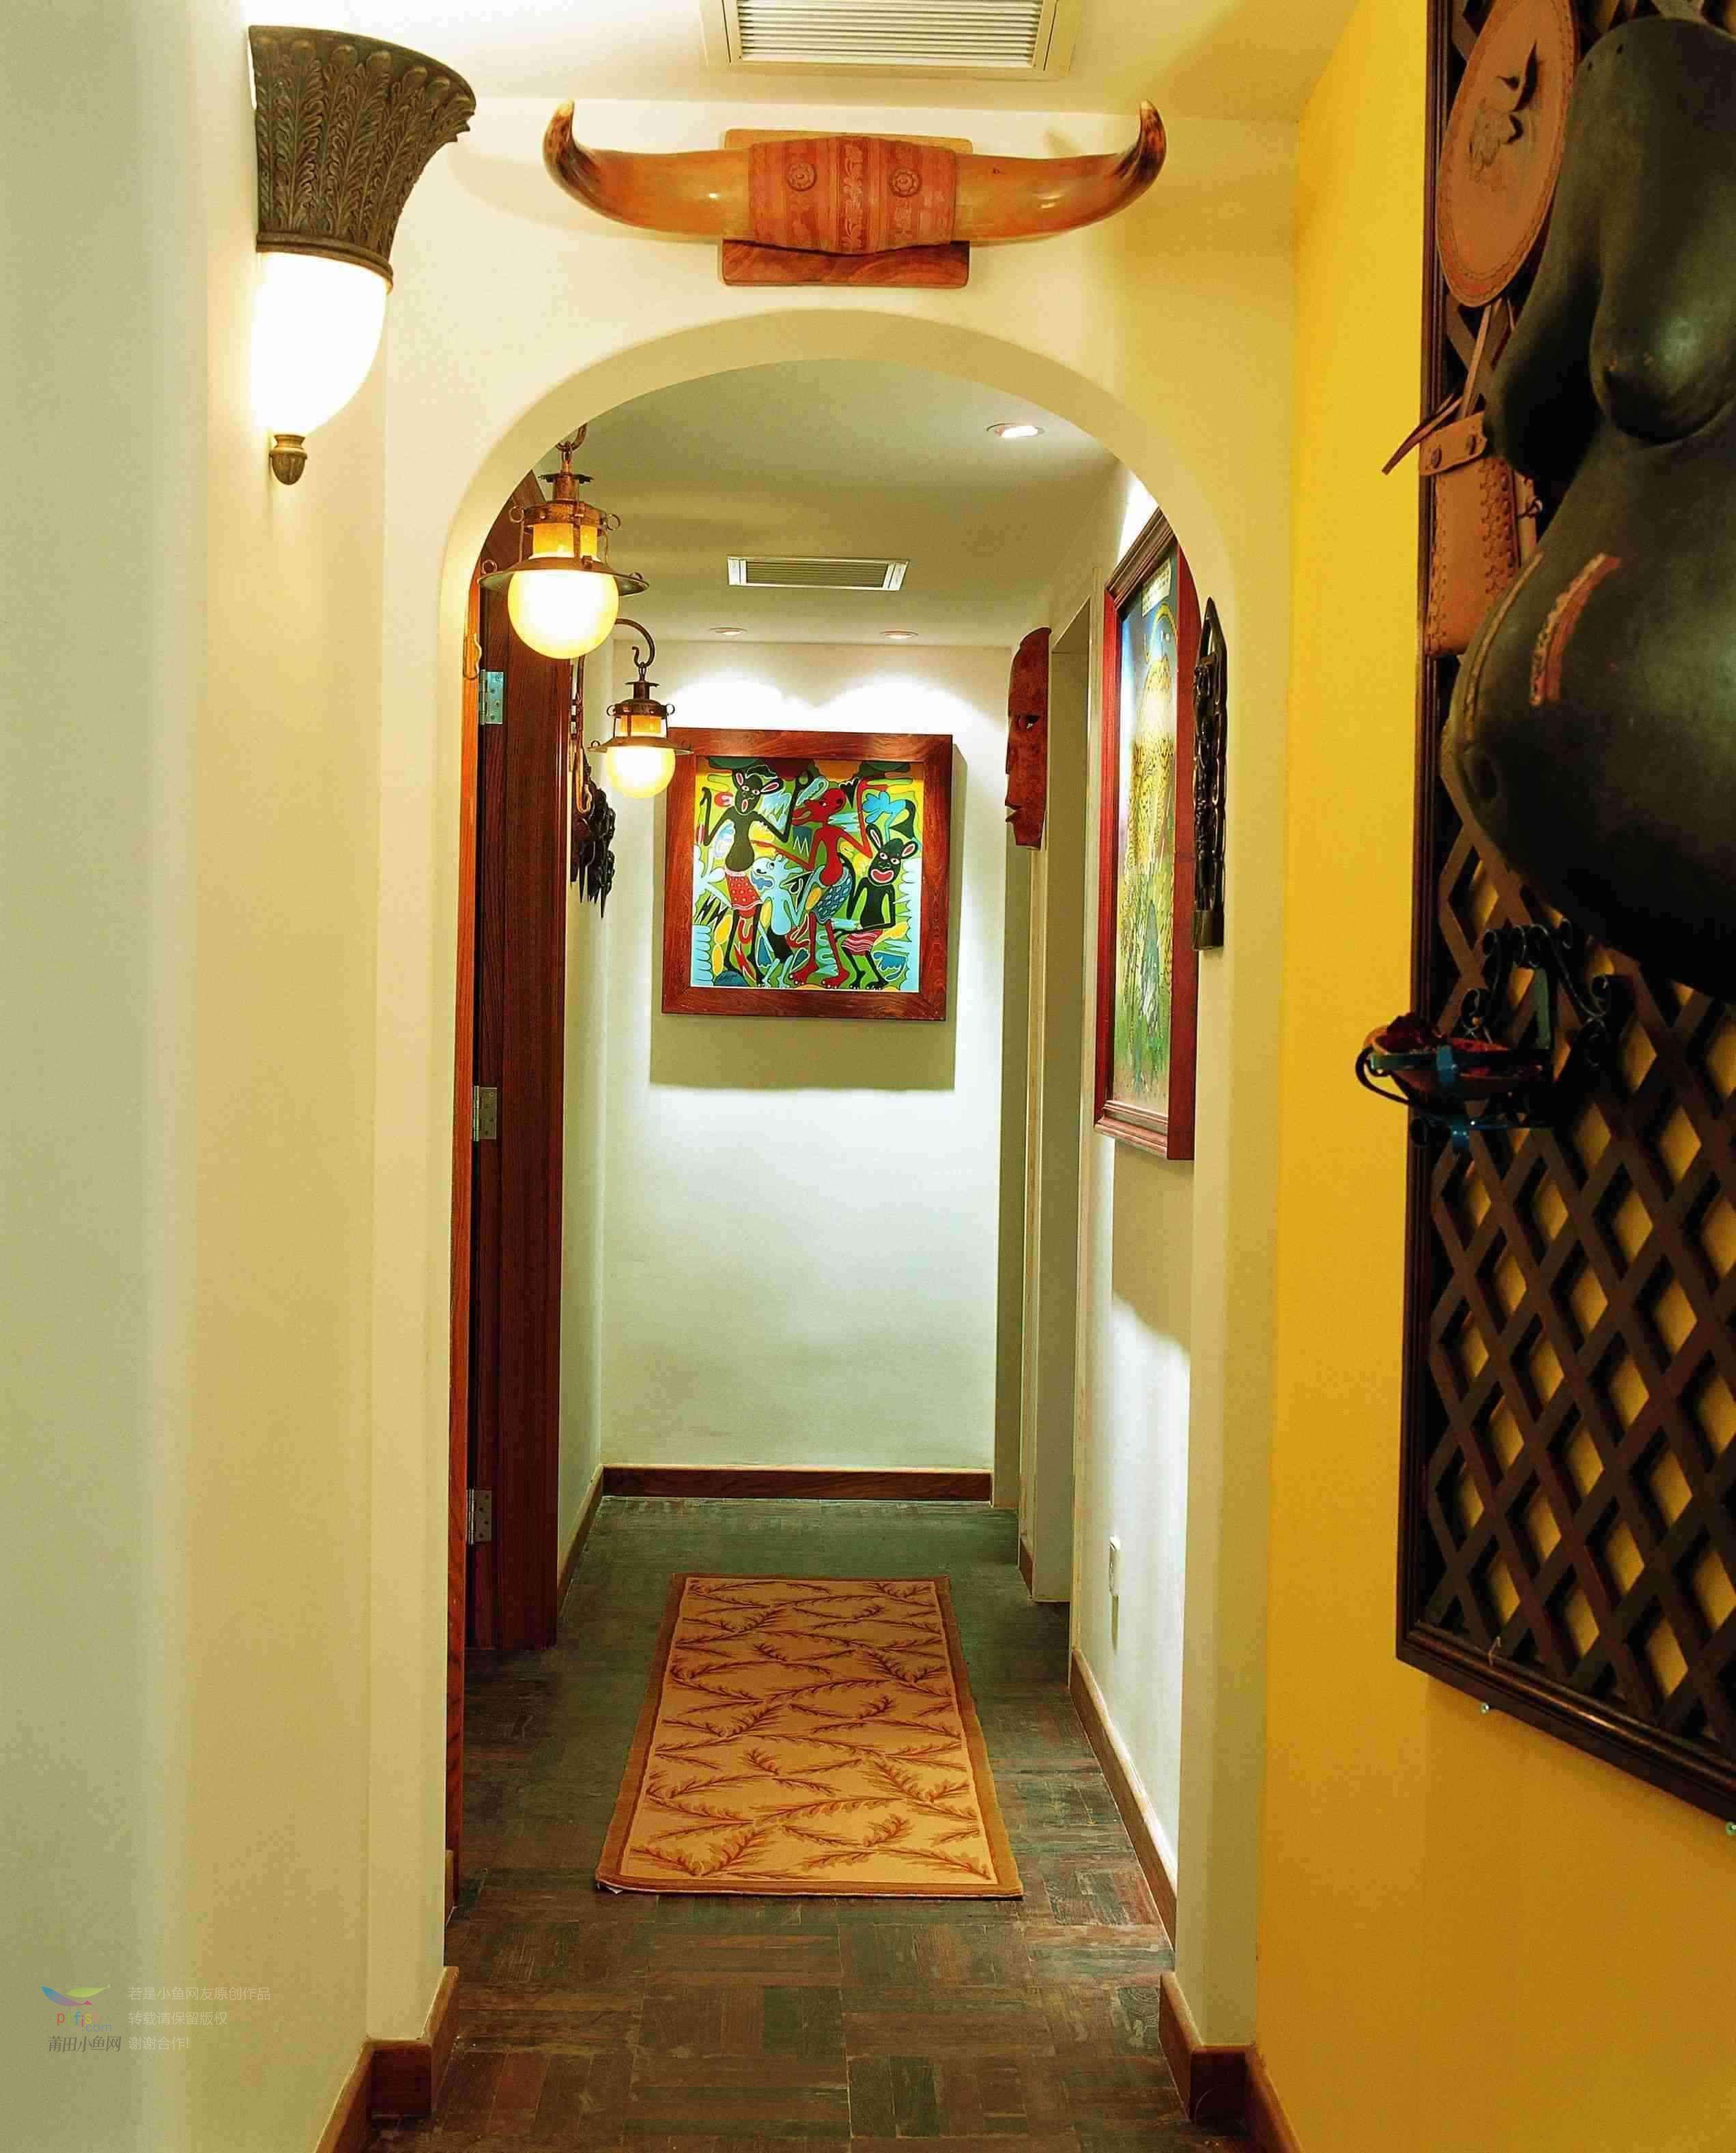 异国风情 非洲风格 家居装饰图片